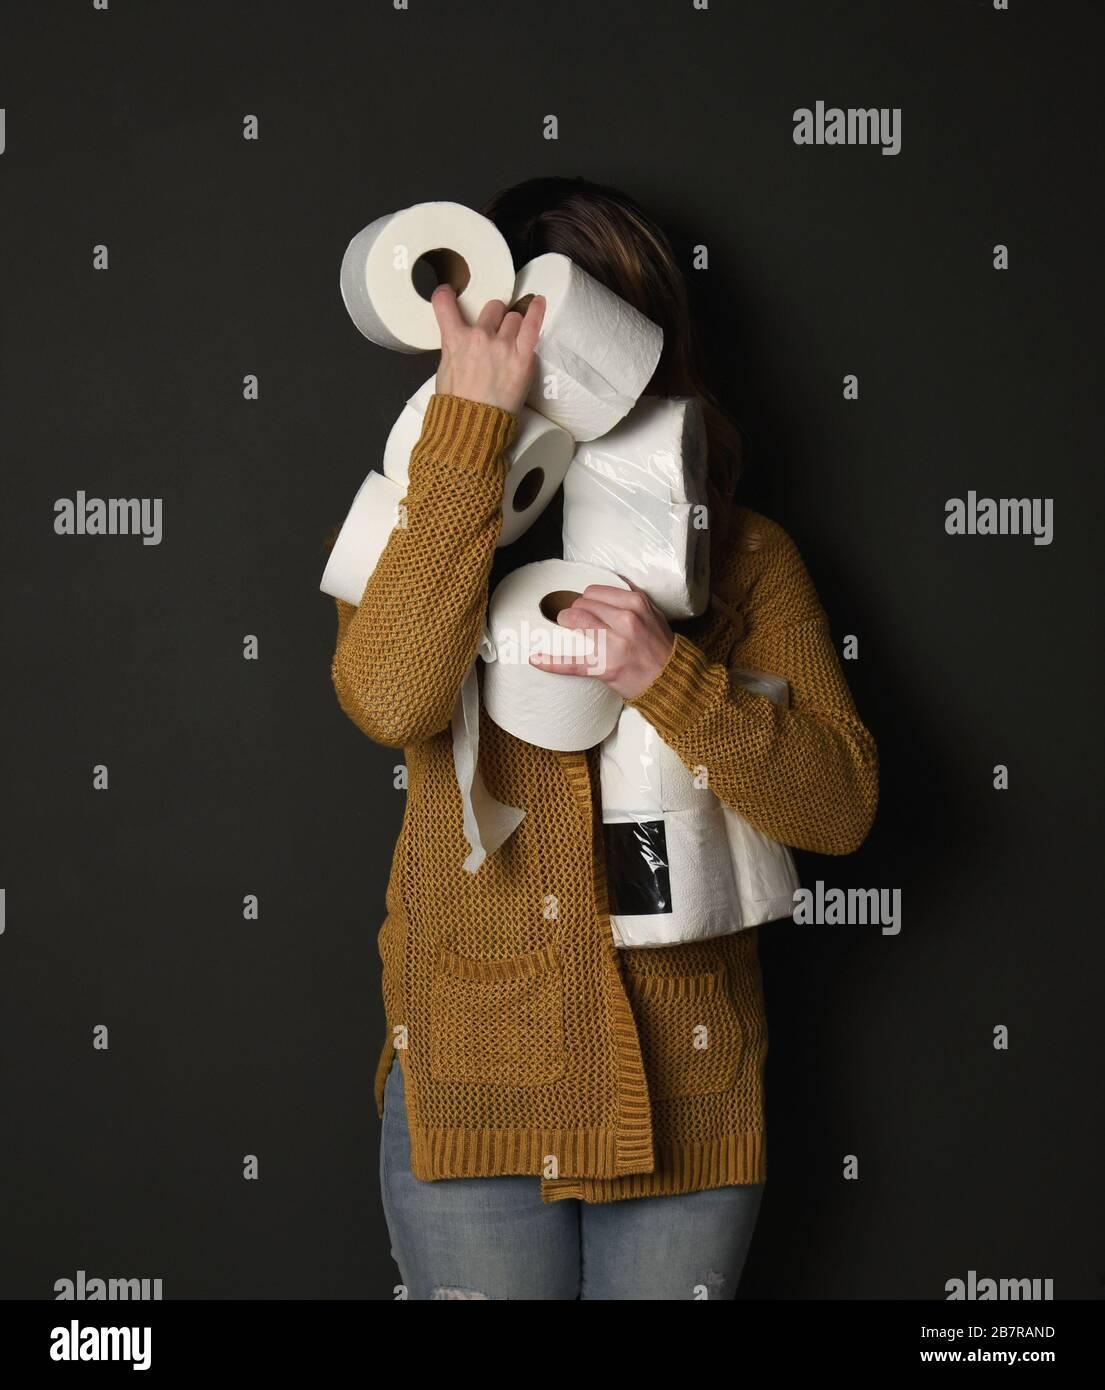 Une femme tient une pile de fournitures de papier toilette pour un concept de demande des consommateurs concernant la pandémie du virus corona. Banque D'Images